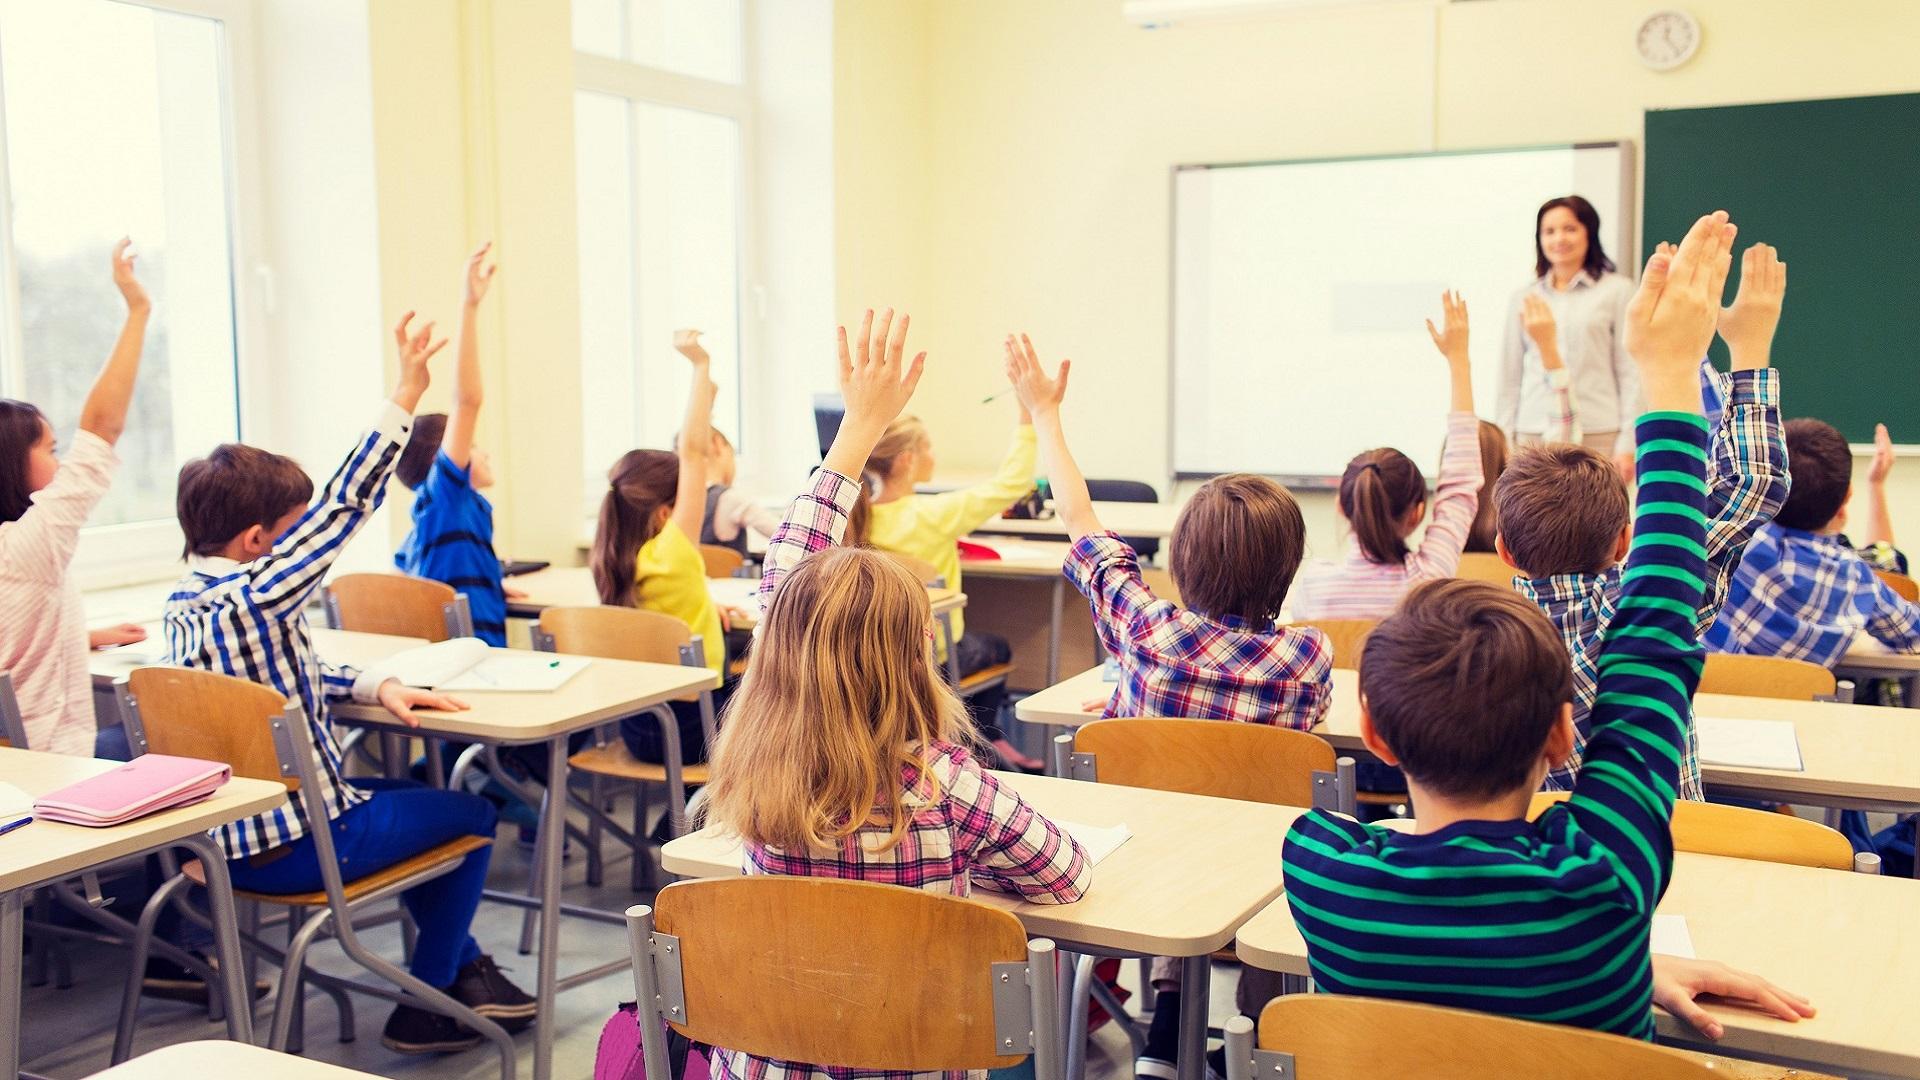 Aposta do Piaget na educação quer contrariar envelhecimento dos professores